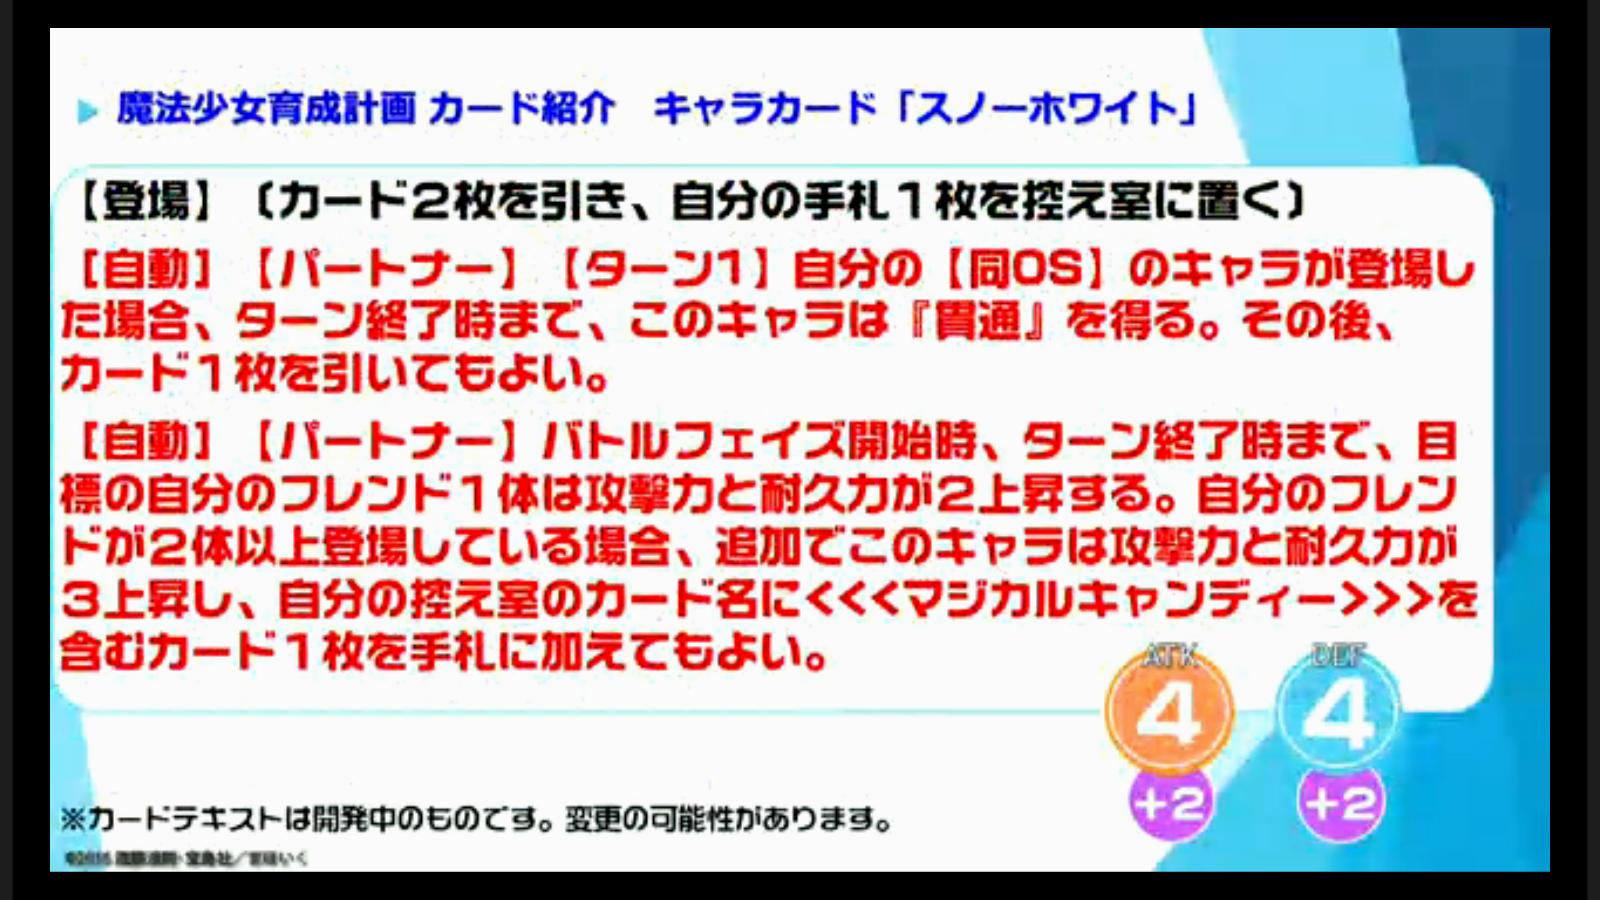 bshi-live-170112-006.jpg